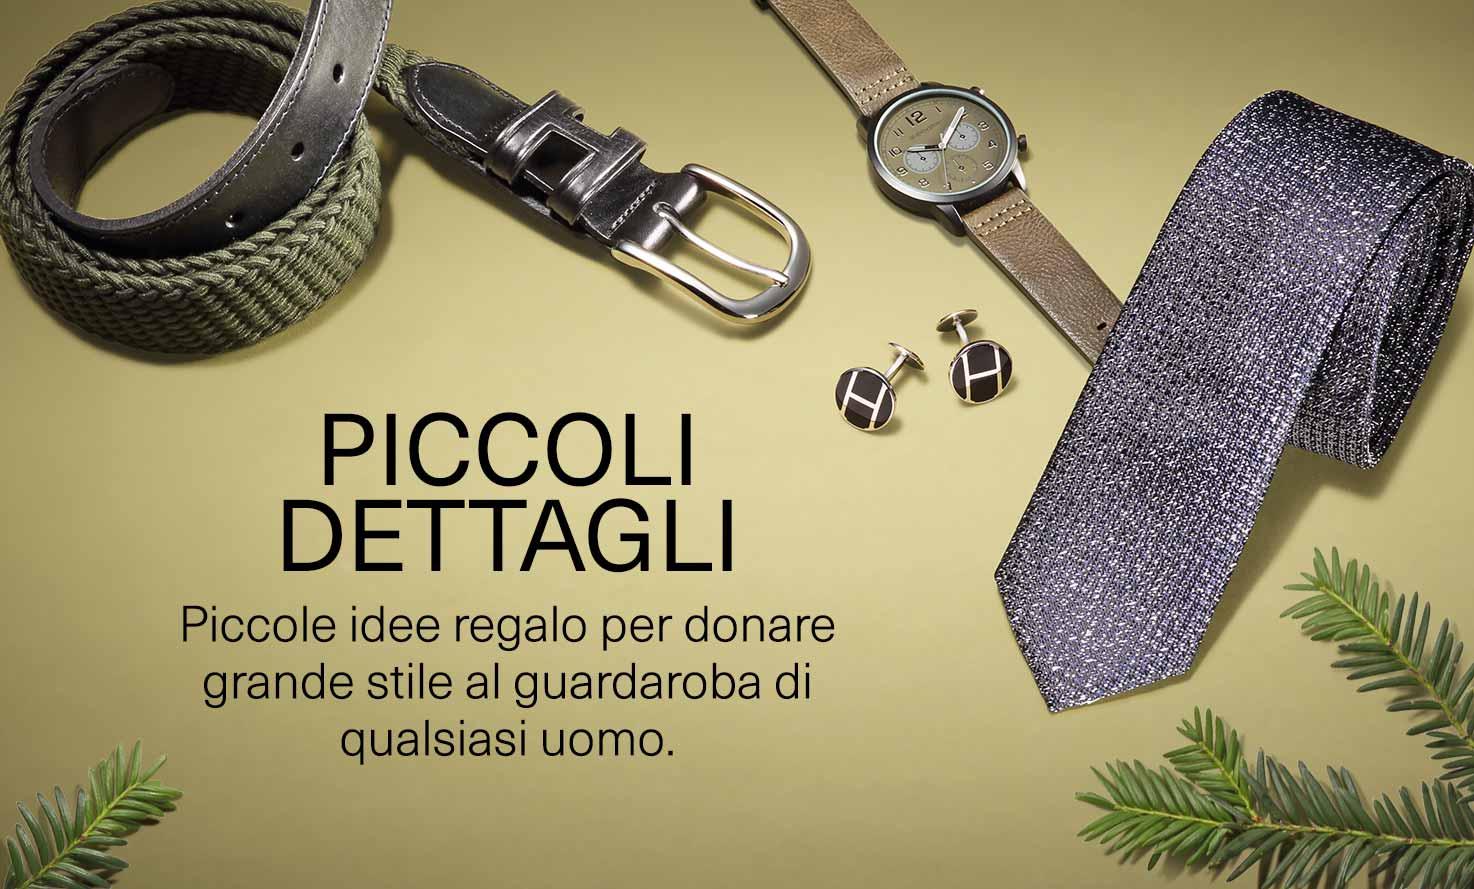 Piccoli dettagli: piccole idee regalo per donare grande stile al guardaroba di ogni uomo.